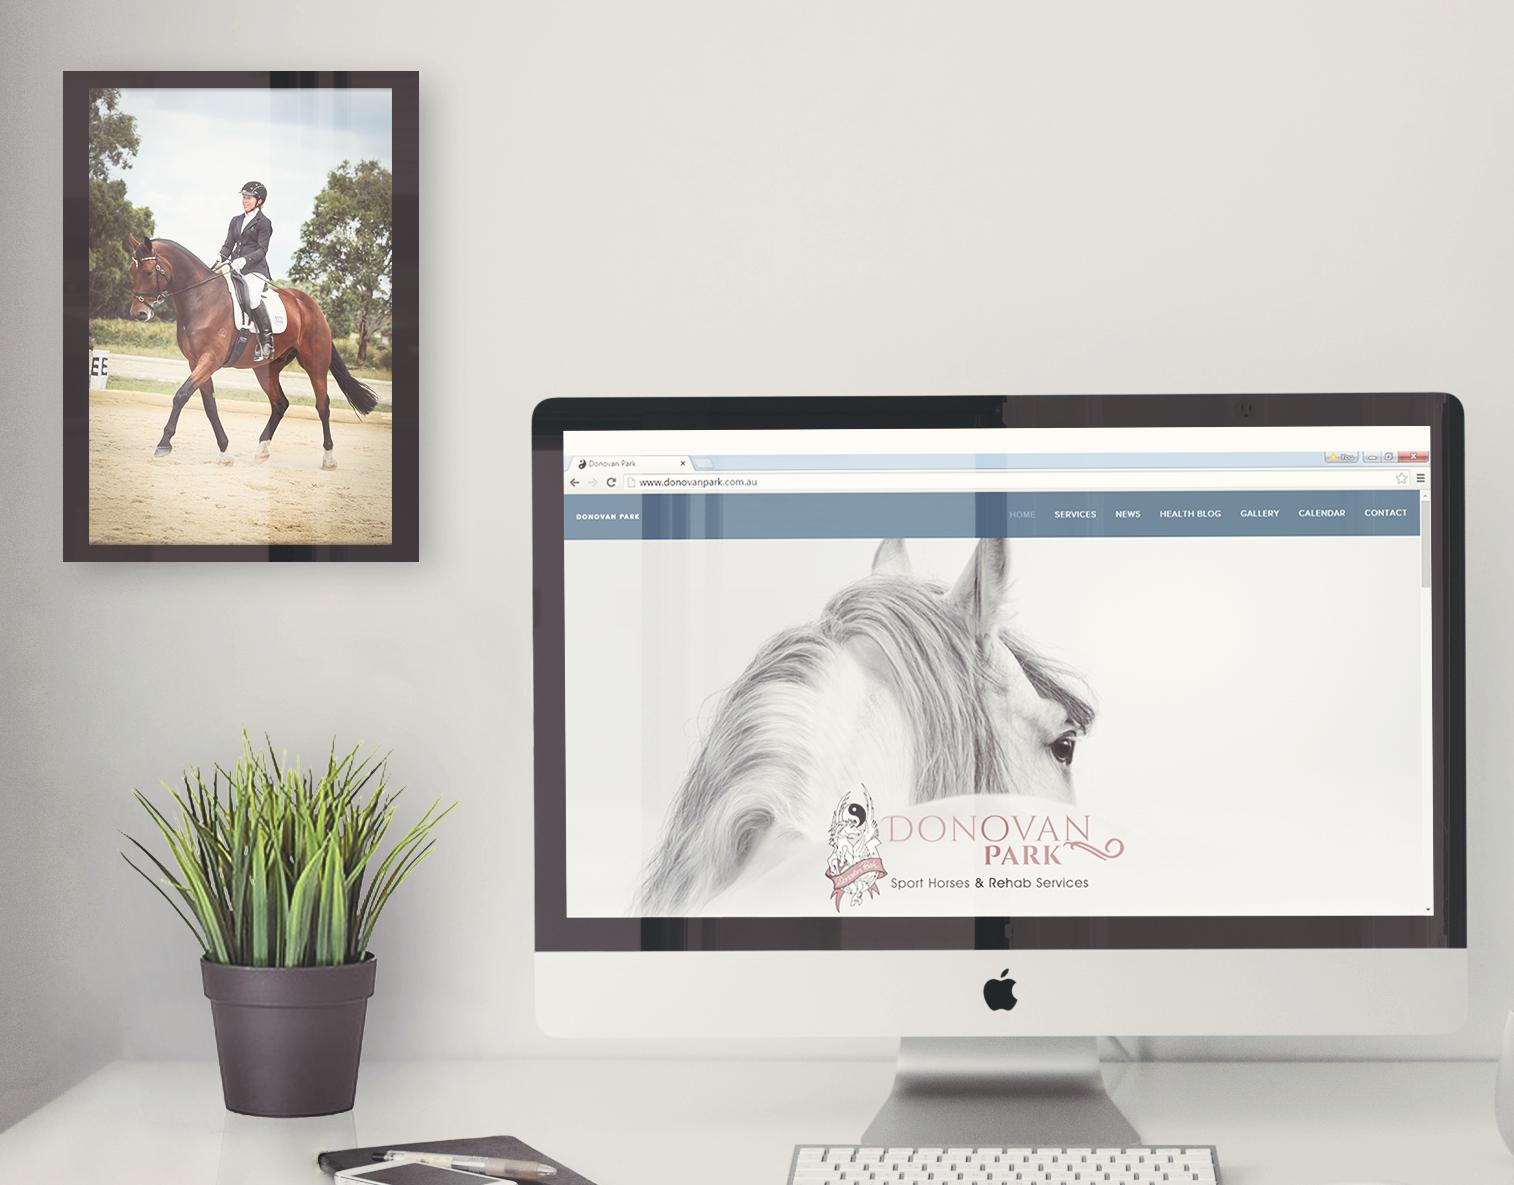 Donovan Park - Sport Horses & Rehab Services